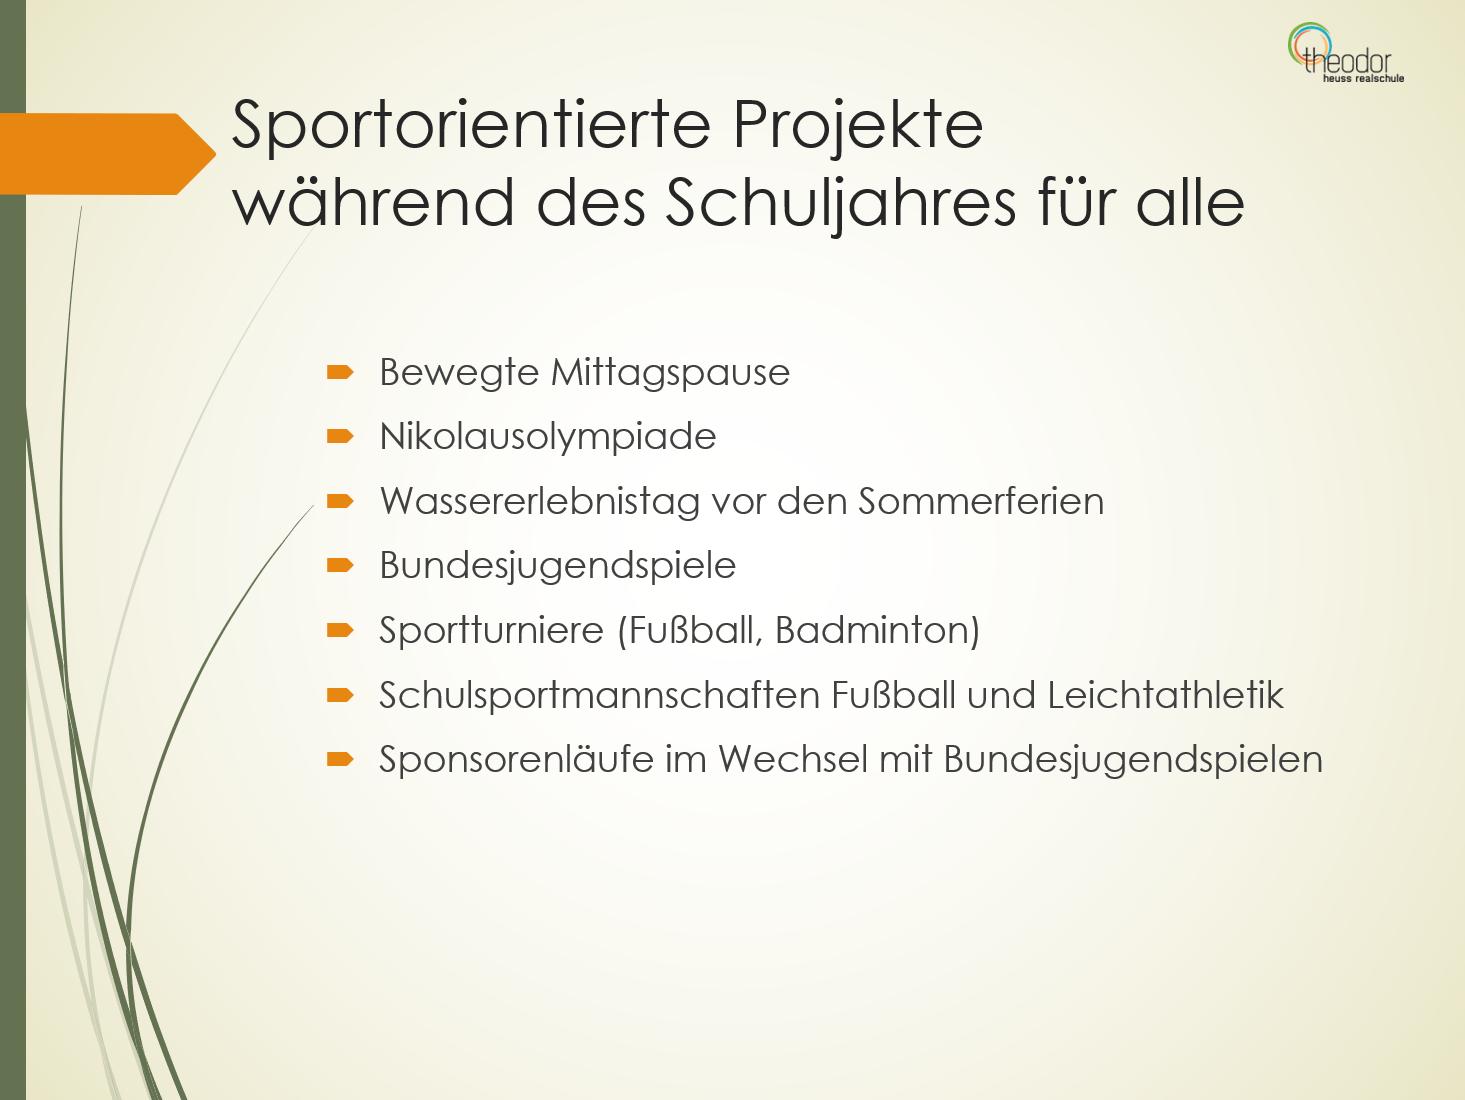 Sportprojekte